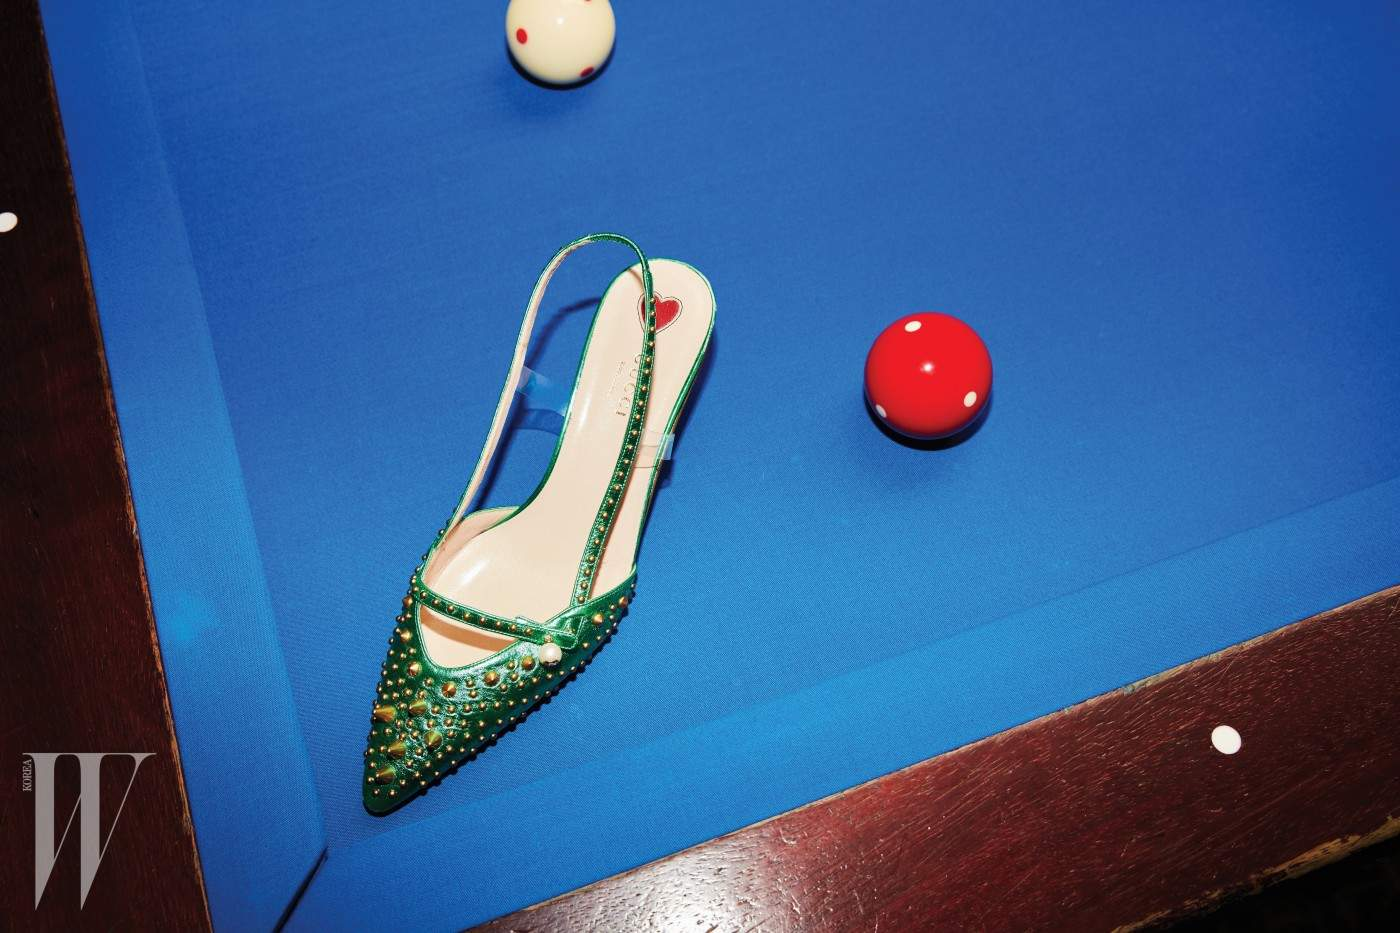 스터드가 장식된 메탈릭한 초록색 뮬은 구찌 제품. 1백34만원.